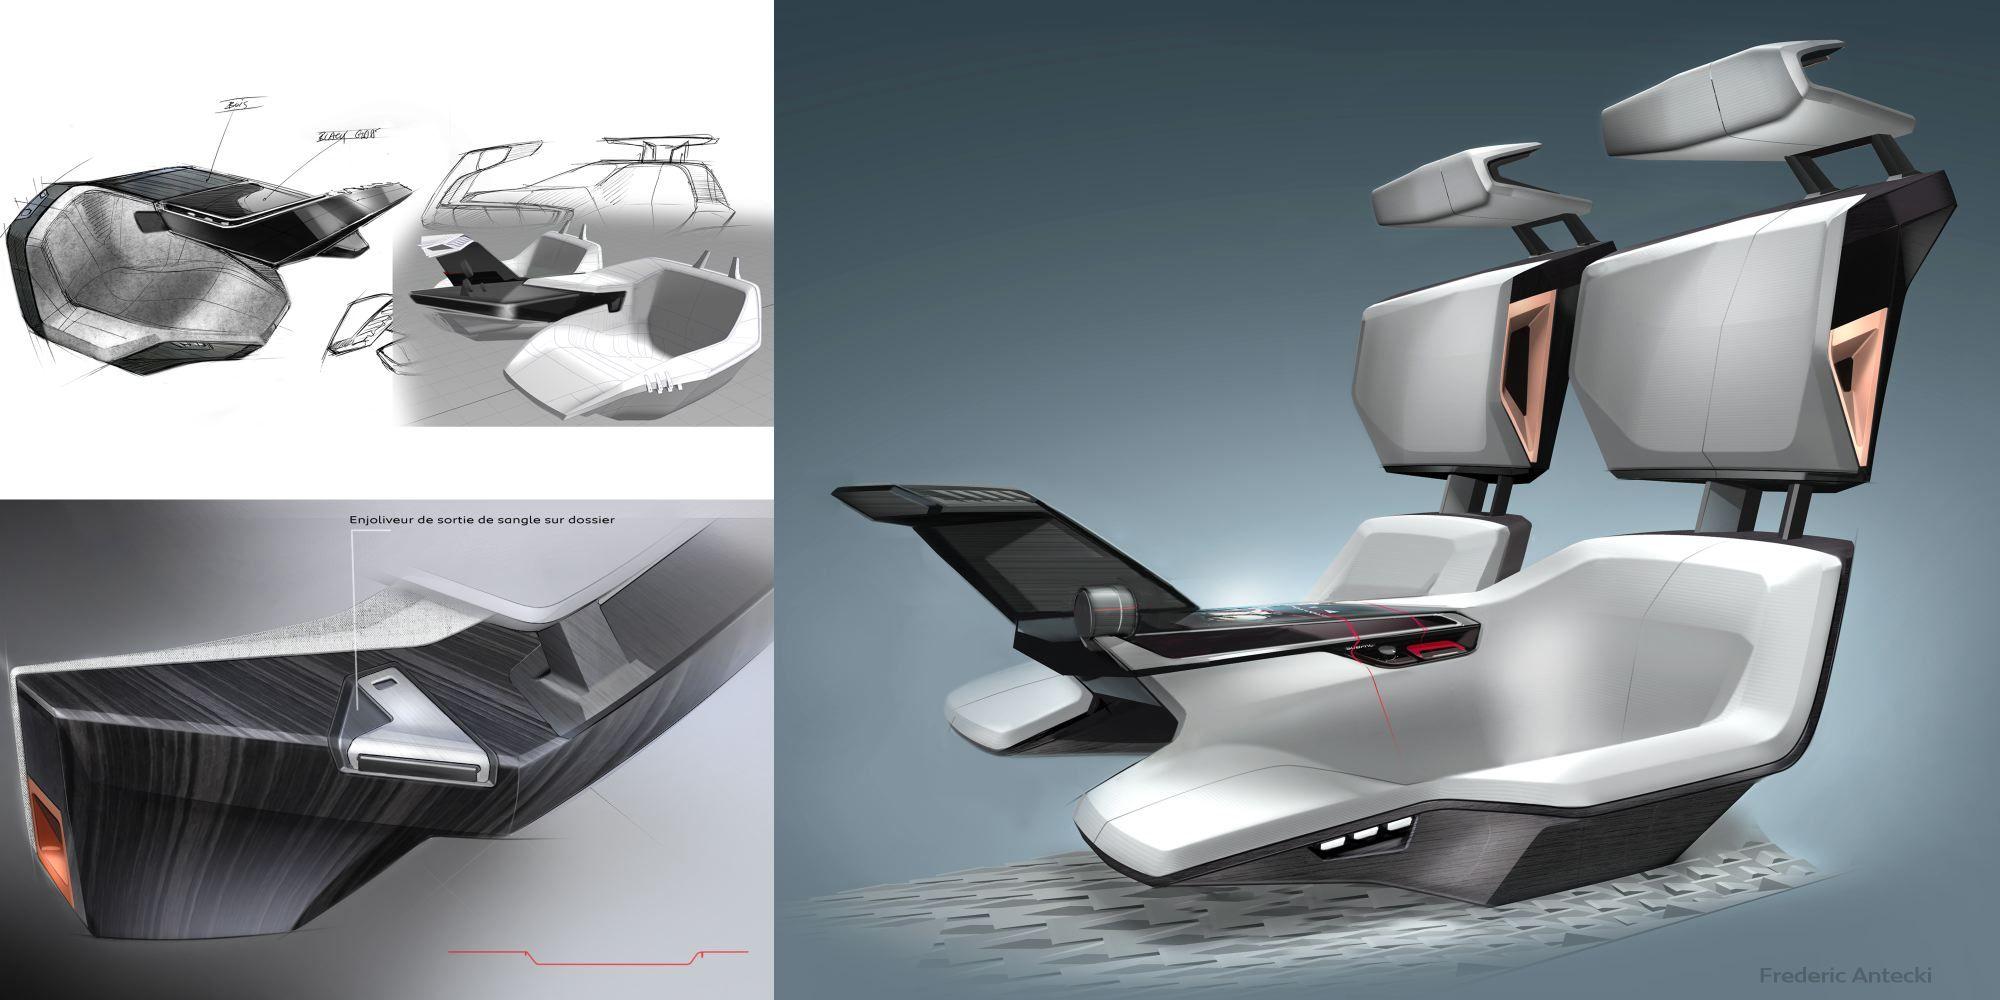 Peugeot fractal design development 2000 1000 for Design degli interni di 1000 m